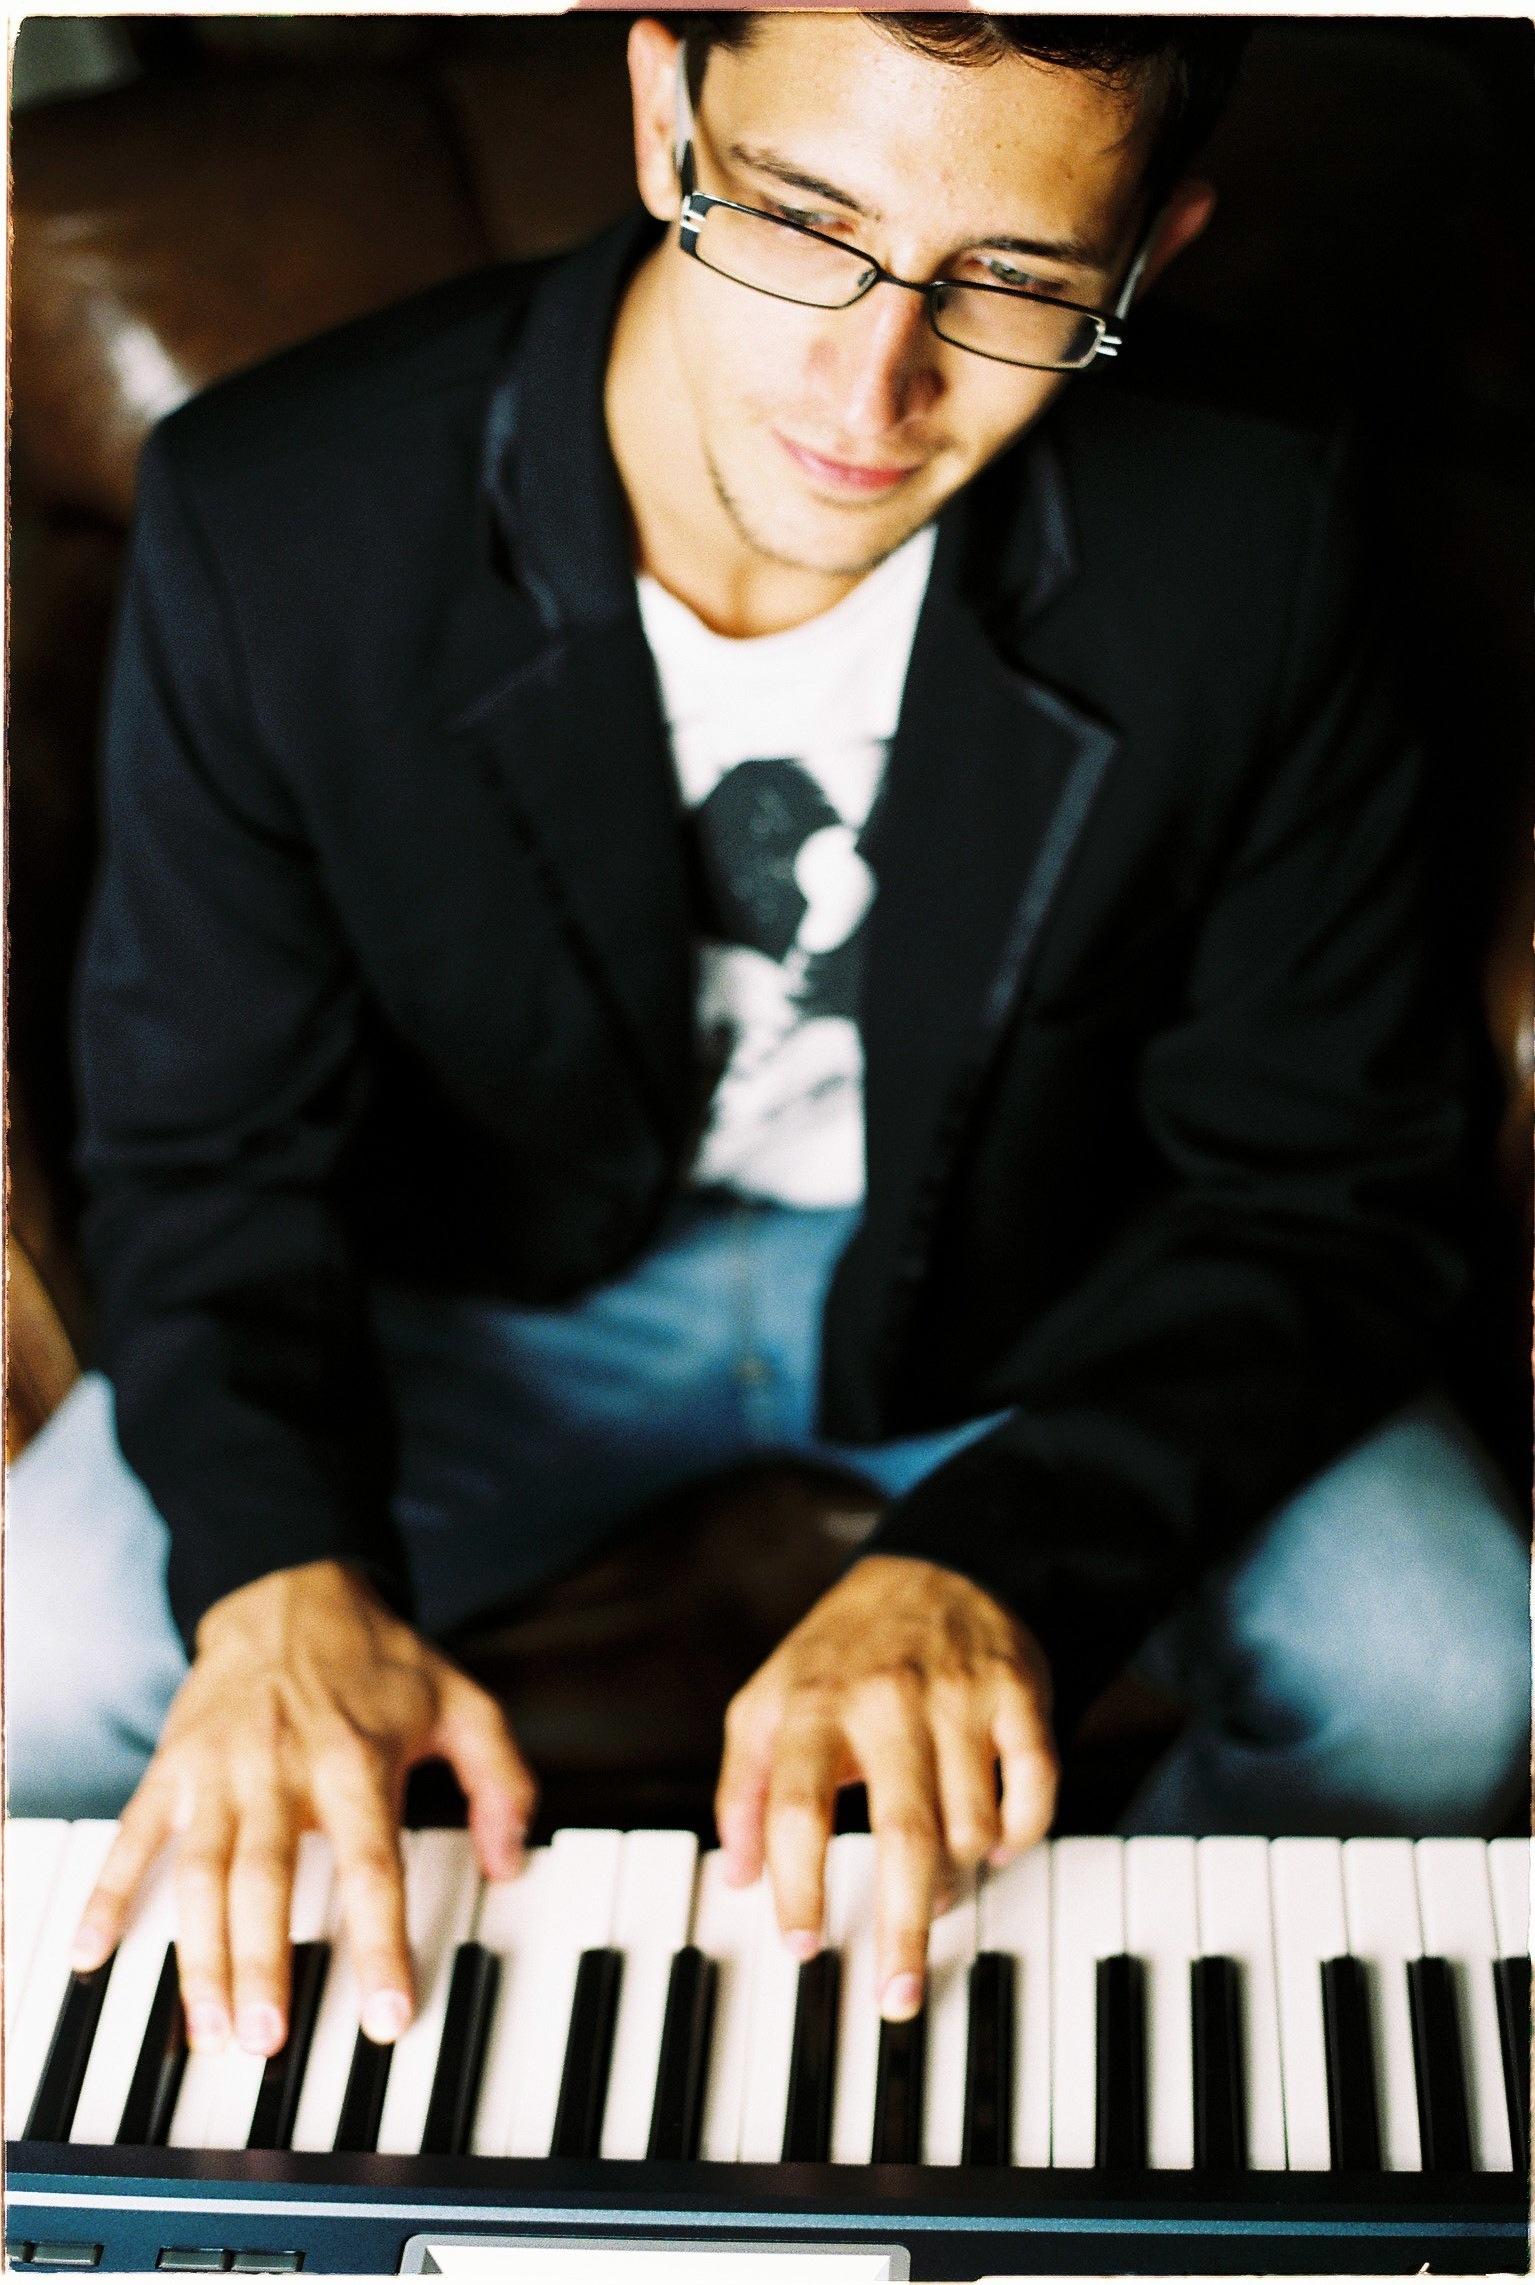 Erik Dimitrov